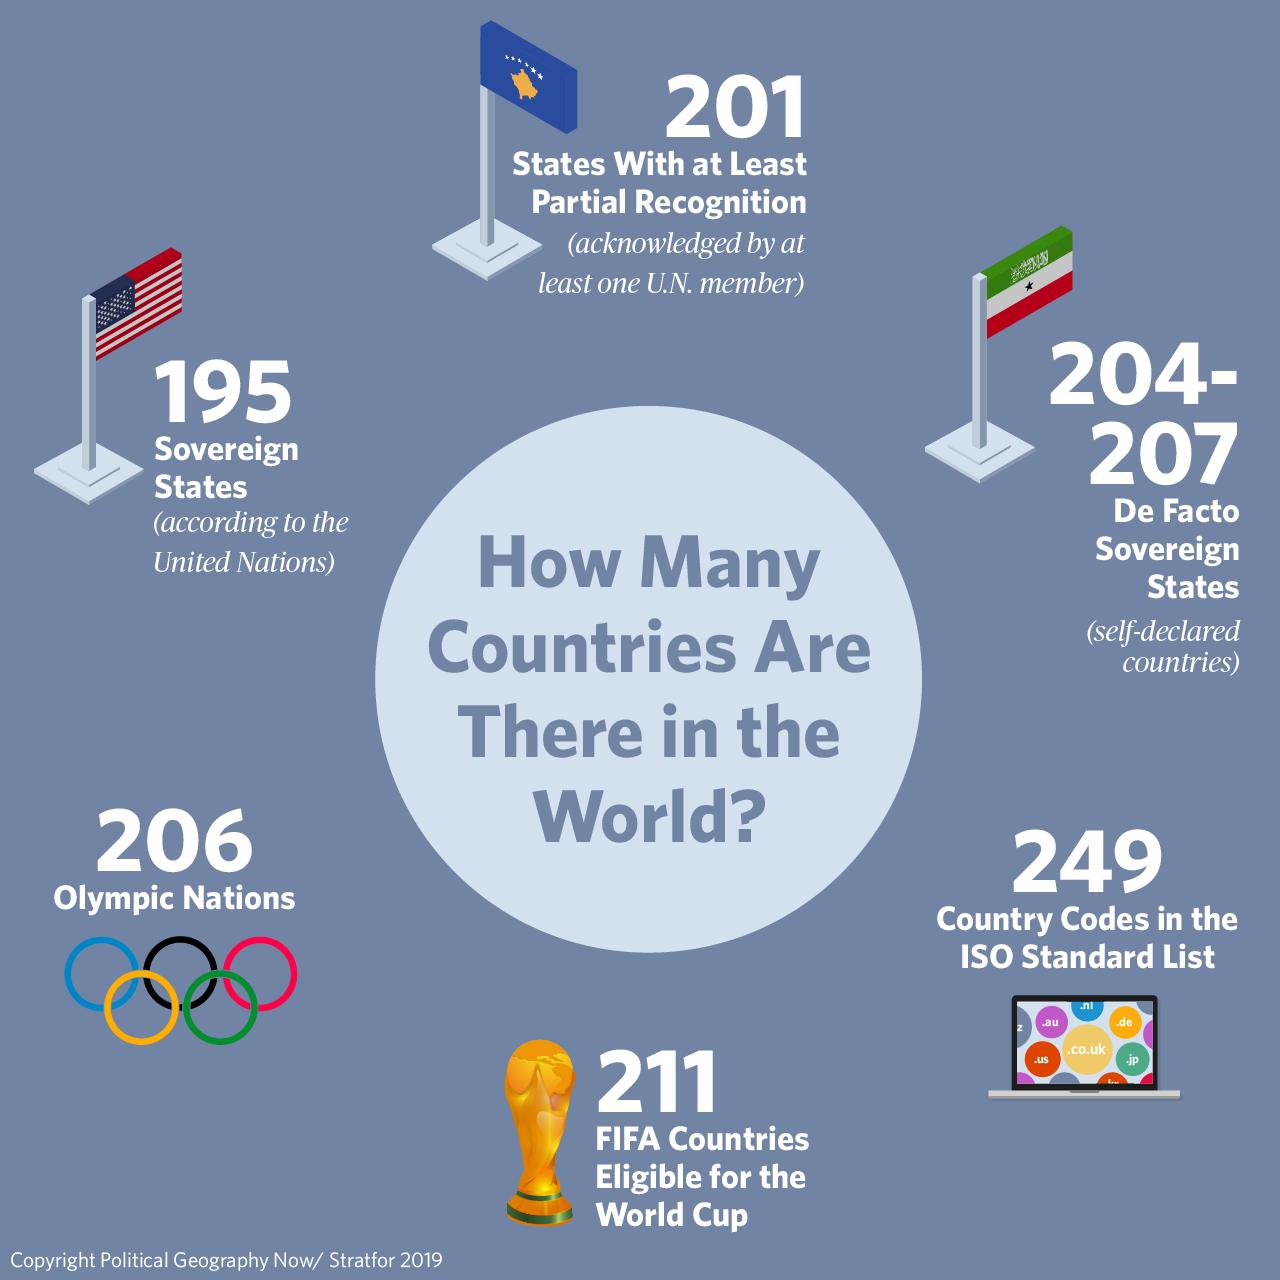 """Ảnh đồ họa thông tin tham khảo nhanh cho câu trả lời trong bài viết này. Được tạo bởi Stratfor và PolGeoNow. Lưu ý rằng tham chiếu đến """"204-207 các quốc gia có chủ quyền trên thực tế"""" là từ trước khi chúng tôi xóa """"Nhà nước Hồi giáo"""" khỏi danh sách."""